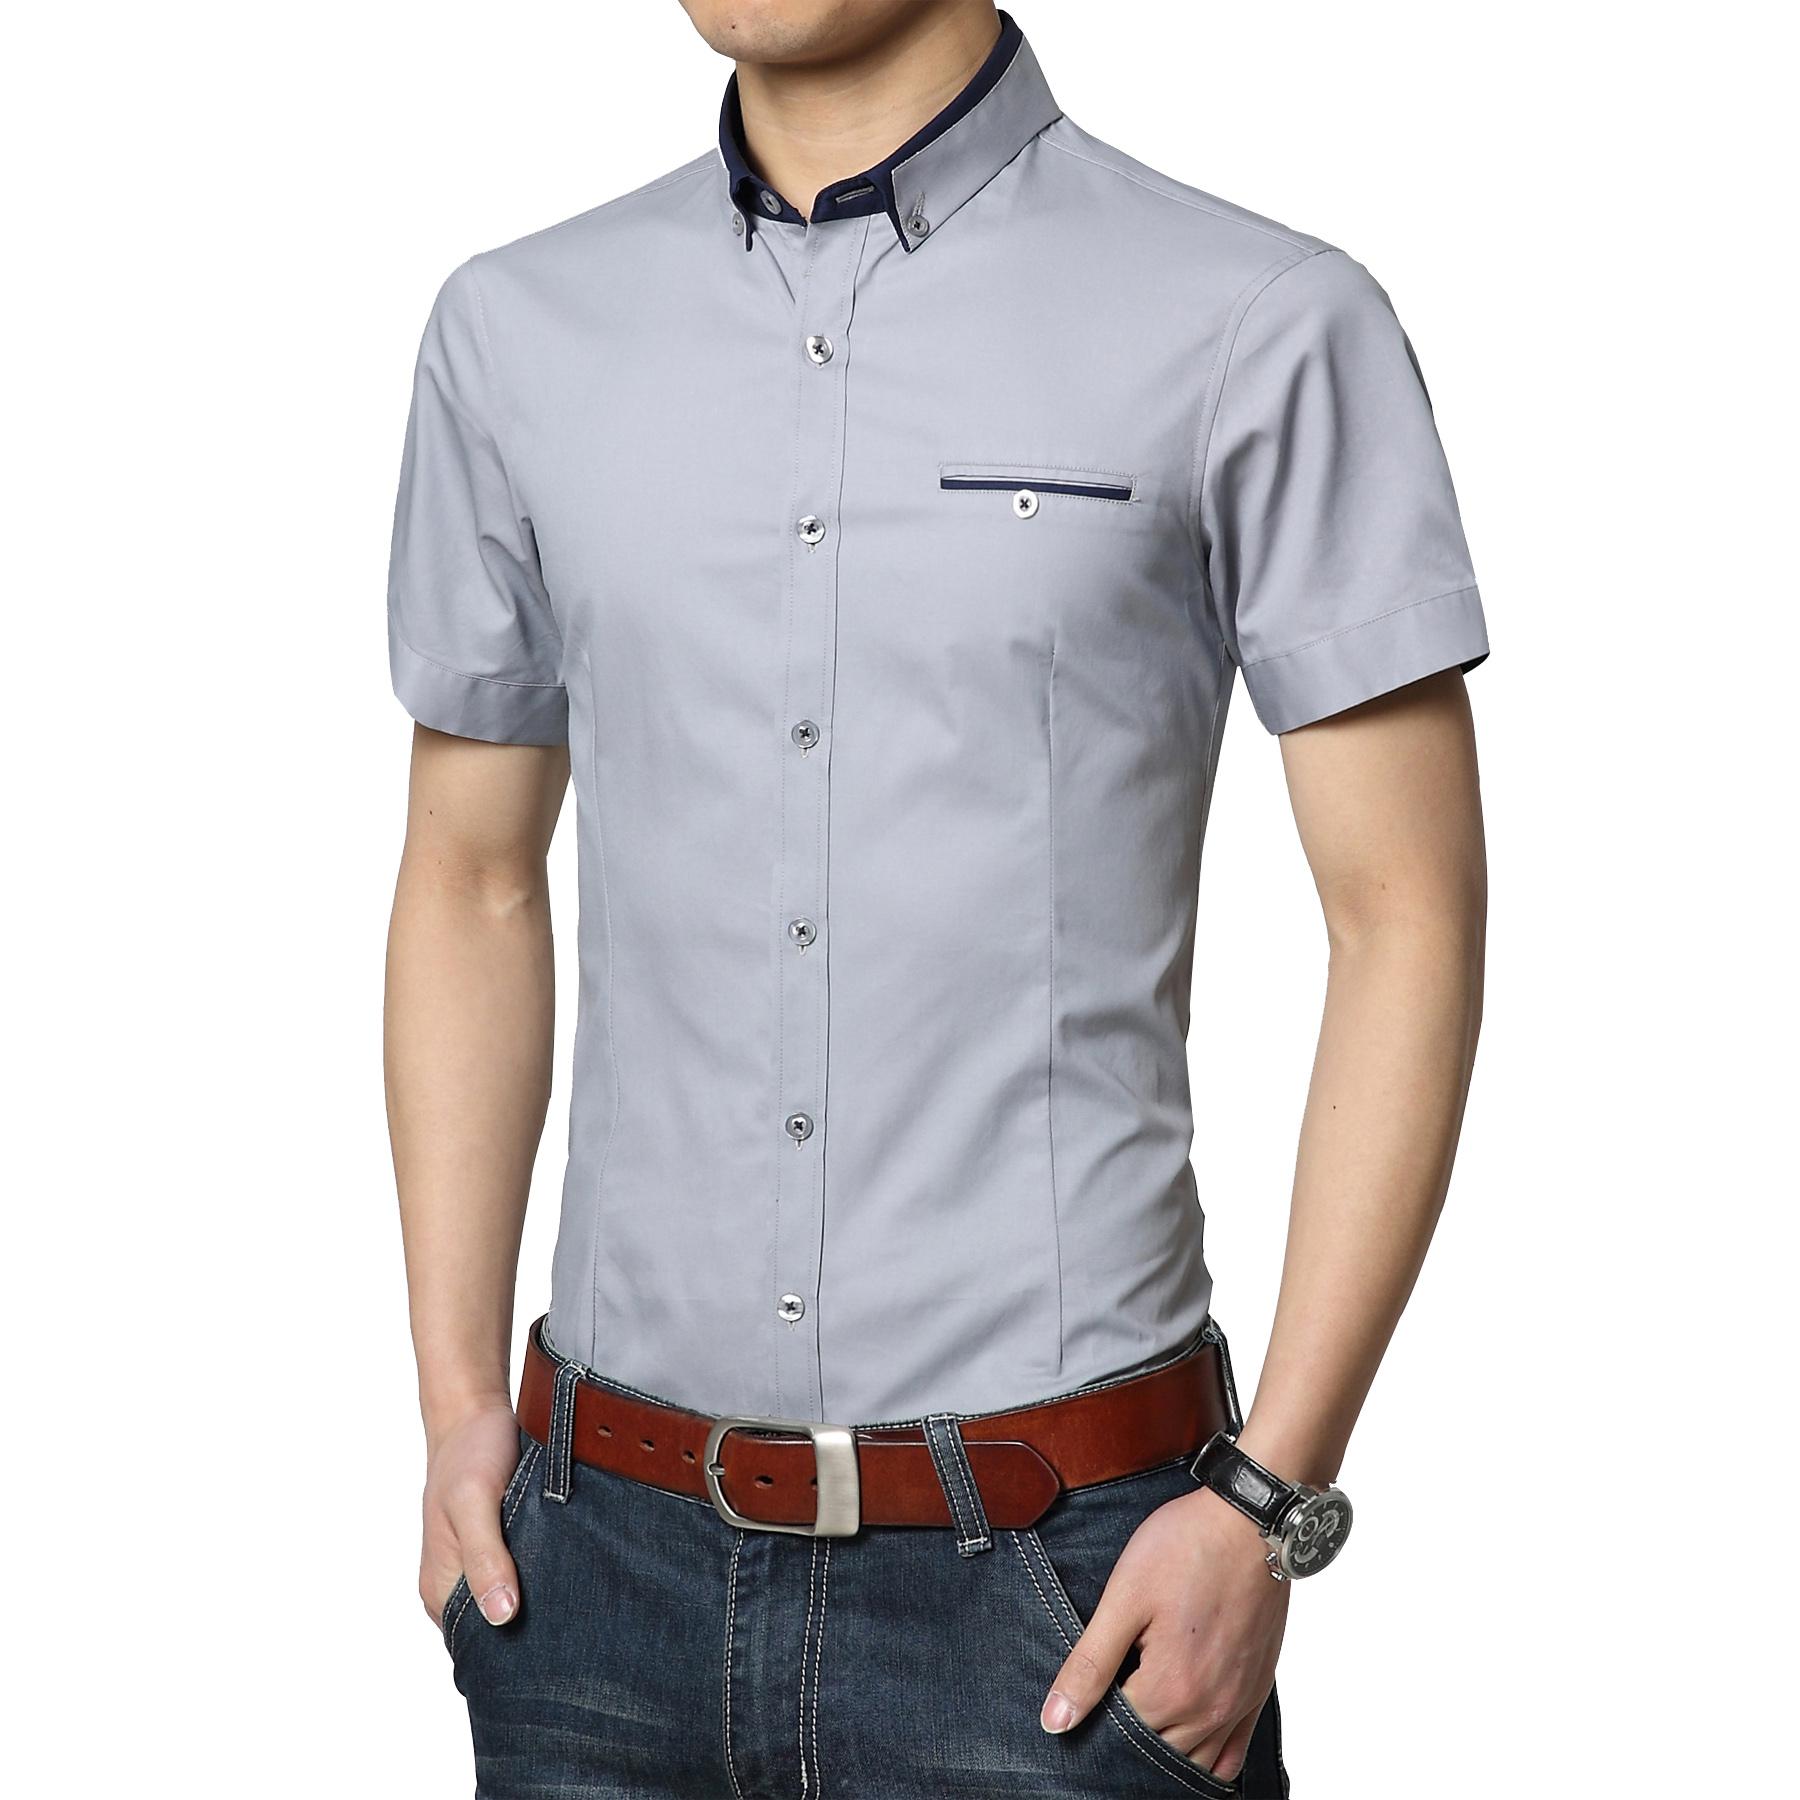 bd81de79188 Summer Wedding Short Sleeve Shirt - BCD Tofu House